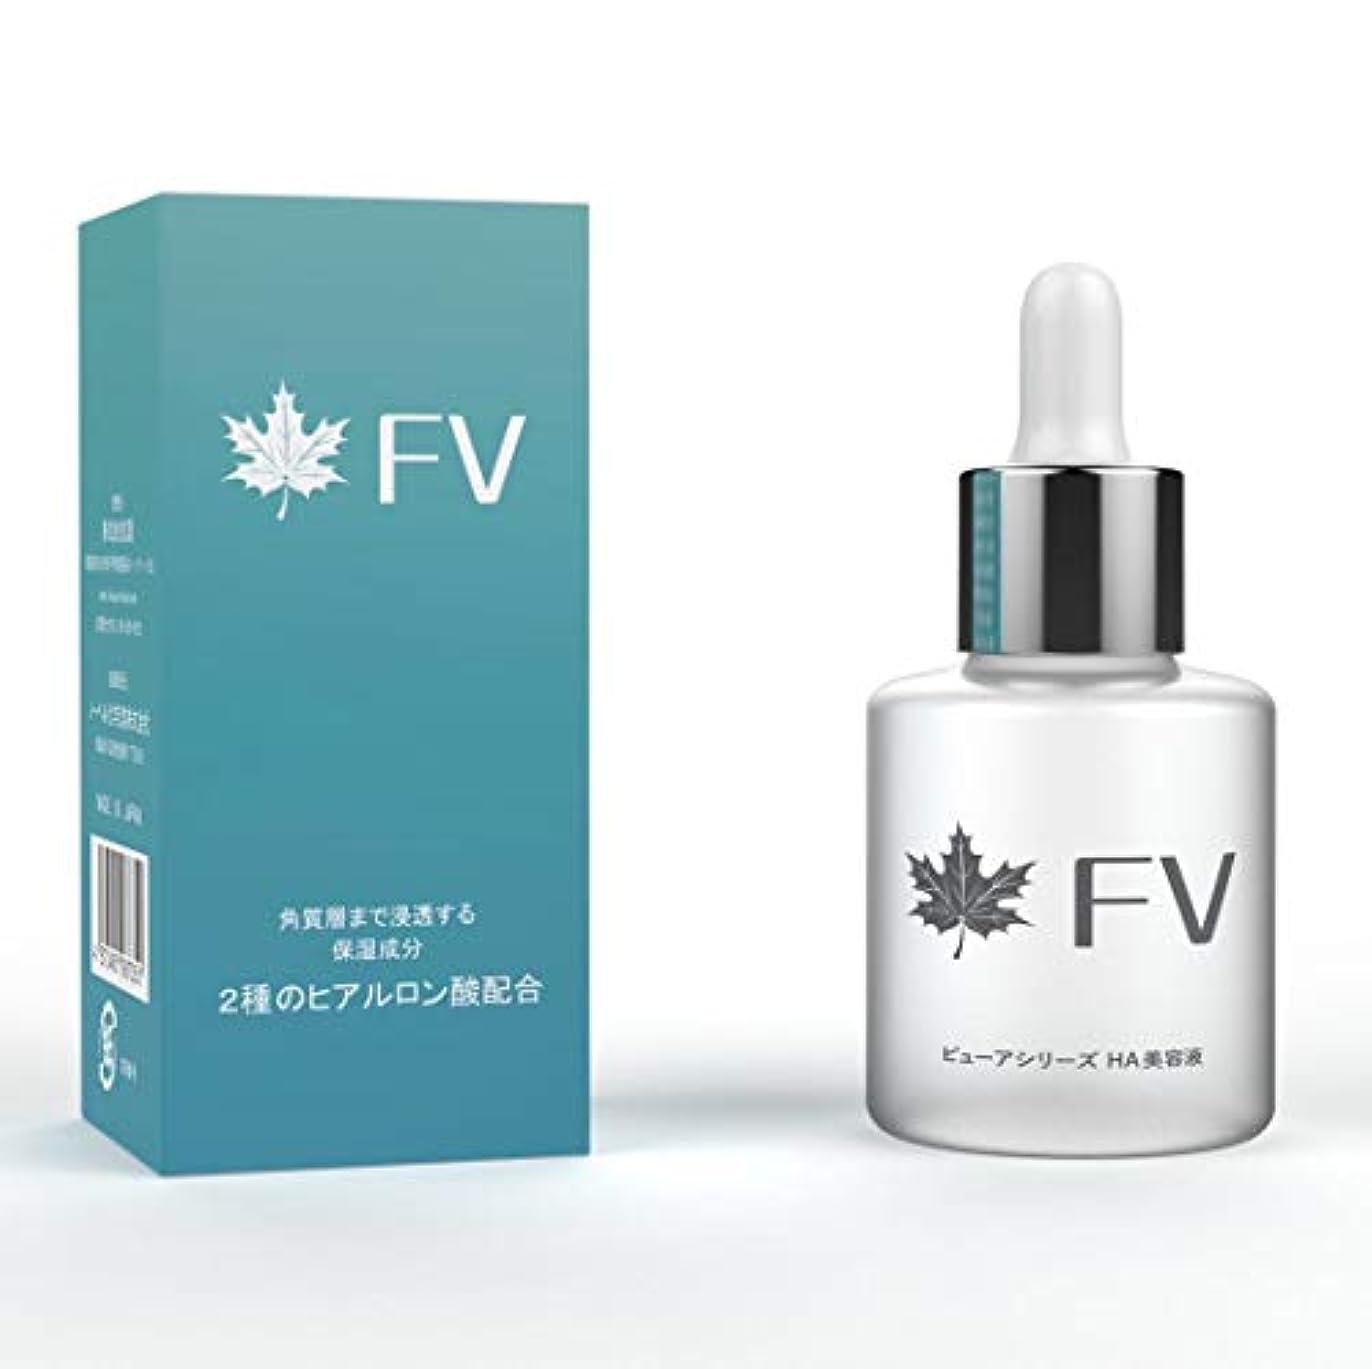 調整する連想あらゆる種類のFV ヒアルロン酸原液(美容液)30ml 高分子超保湿キャッチ型と低分子修復リペア型 2種のヒアルロン酸  日本製